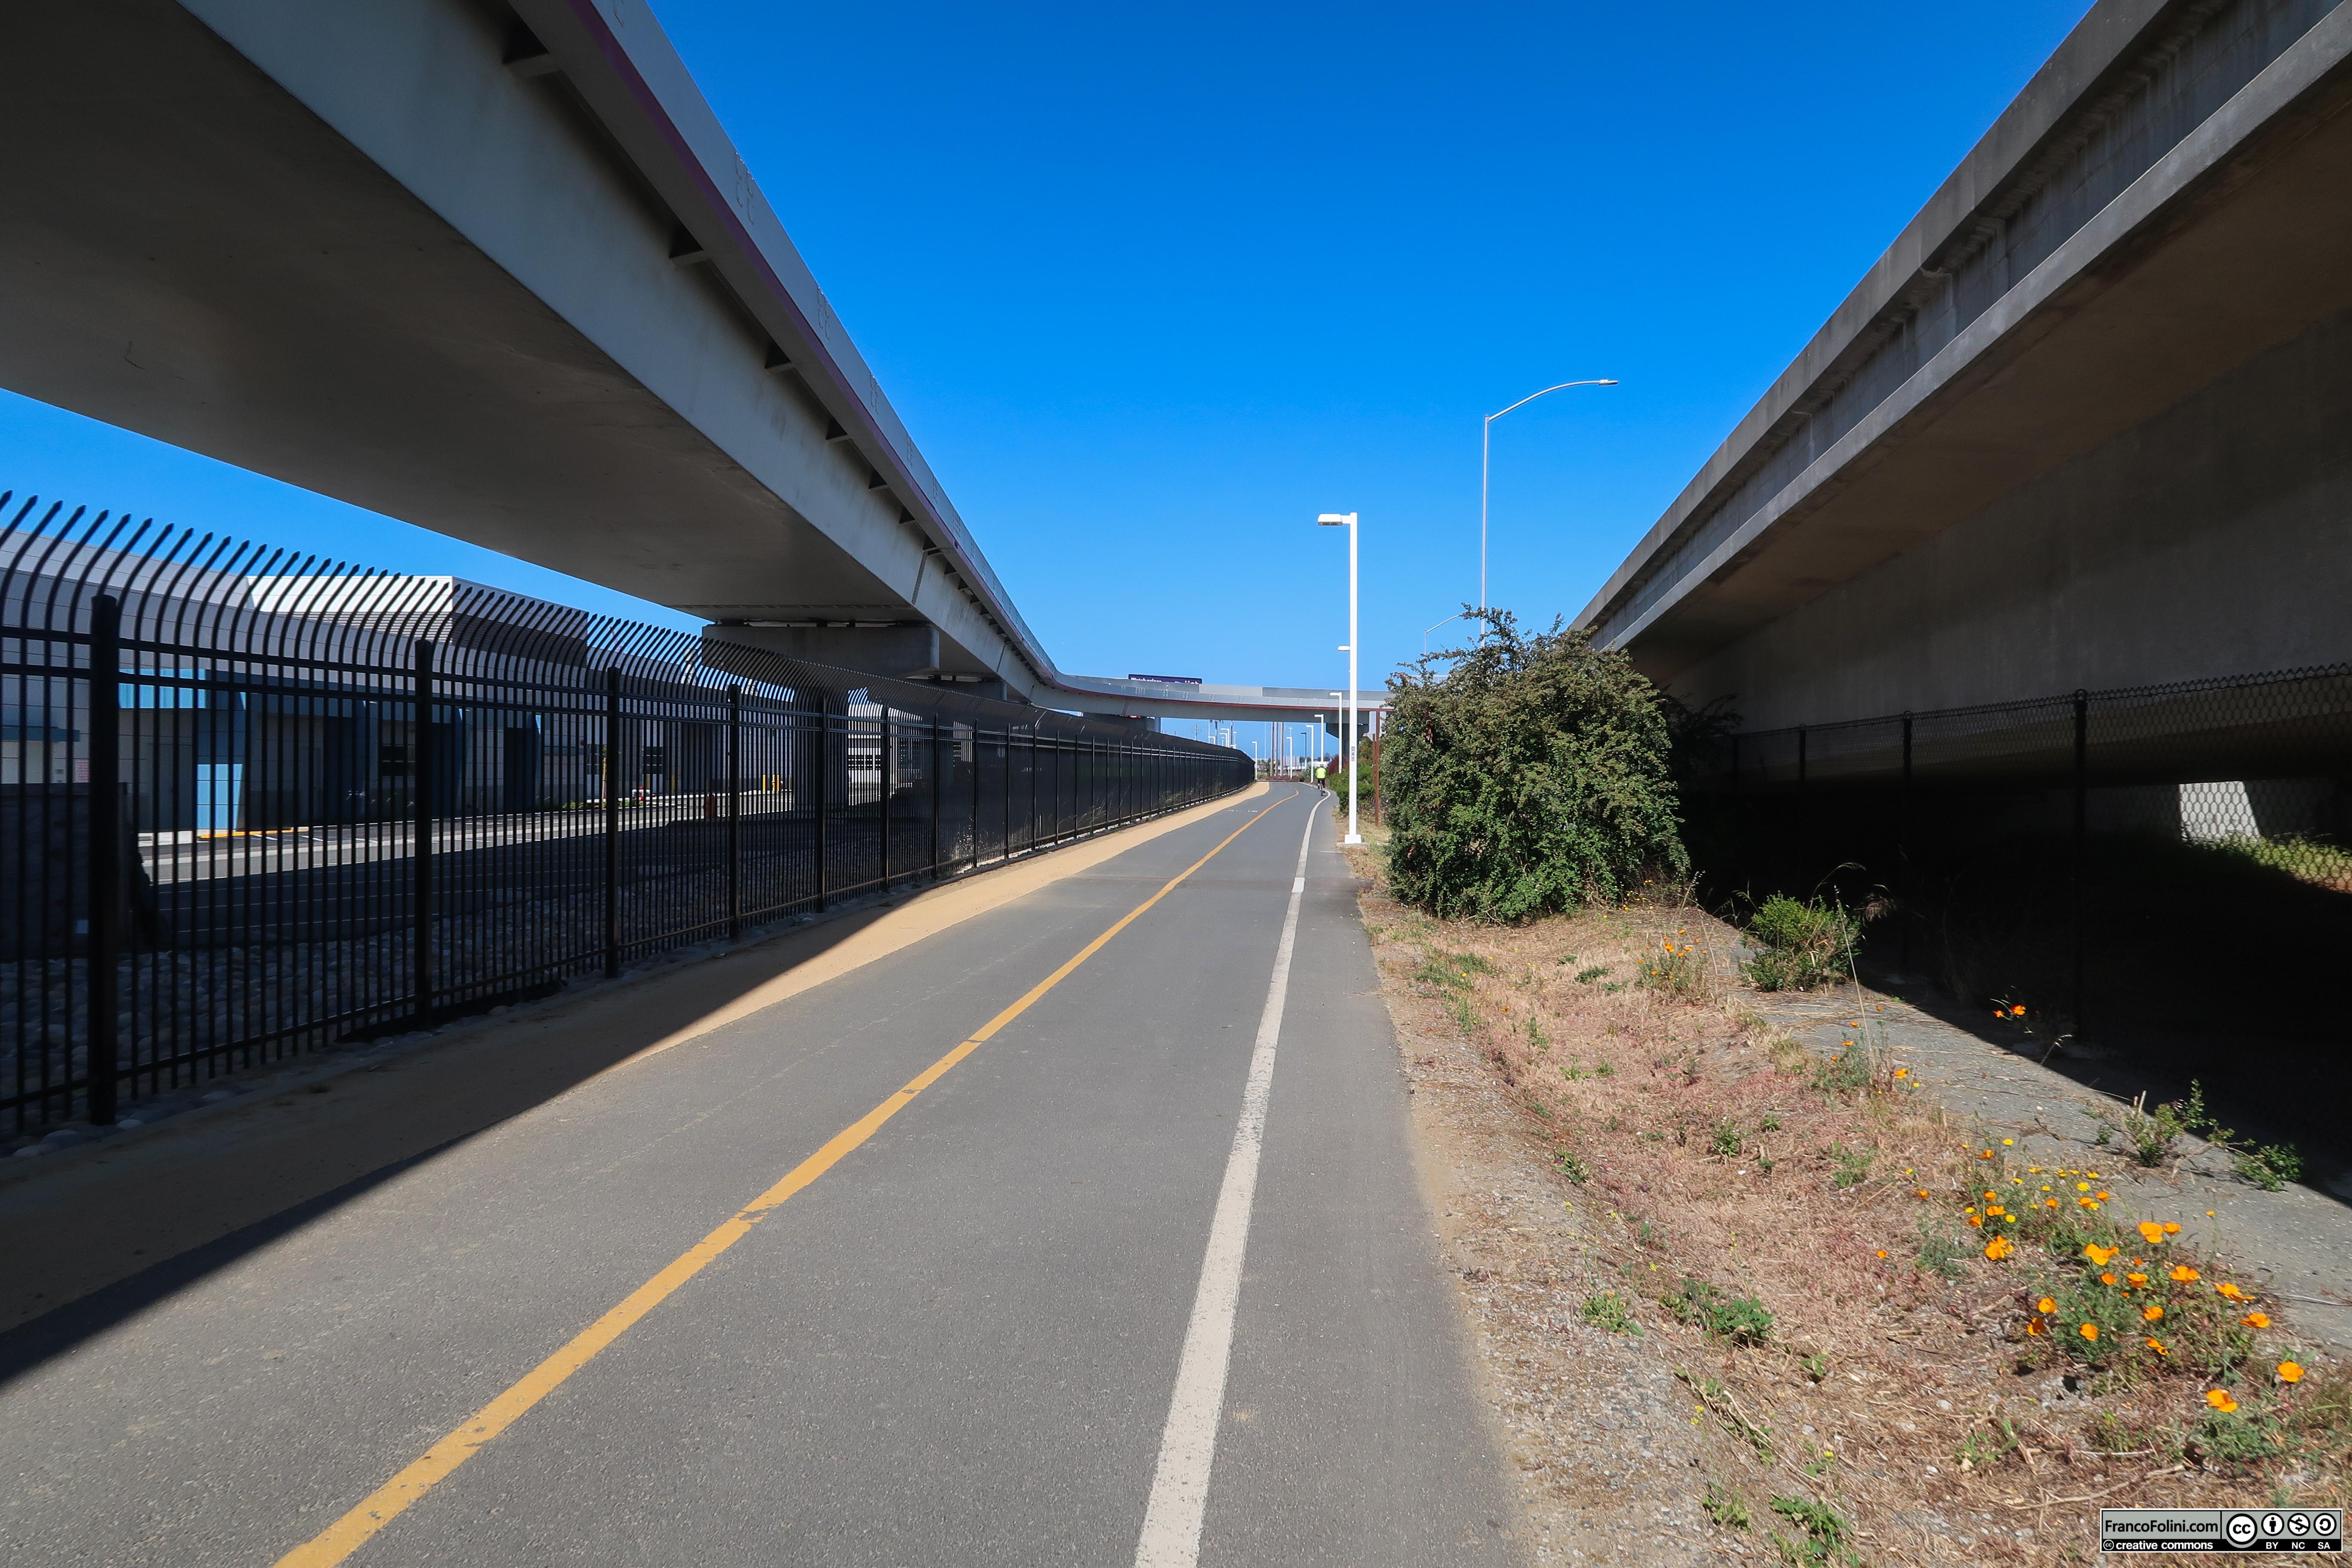 Il primo tratto della pista ciclo-pedonale scorre a fianco all'enorme svicolo autostradale di accesso al Bay Bridge